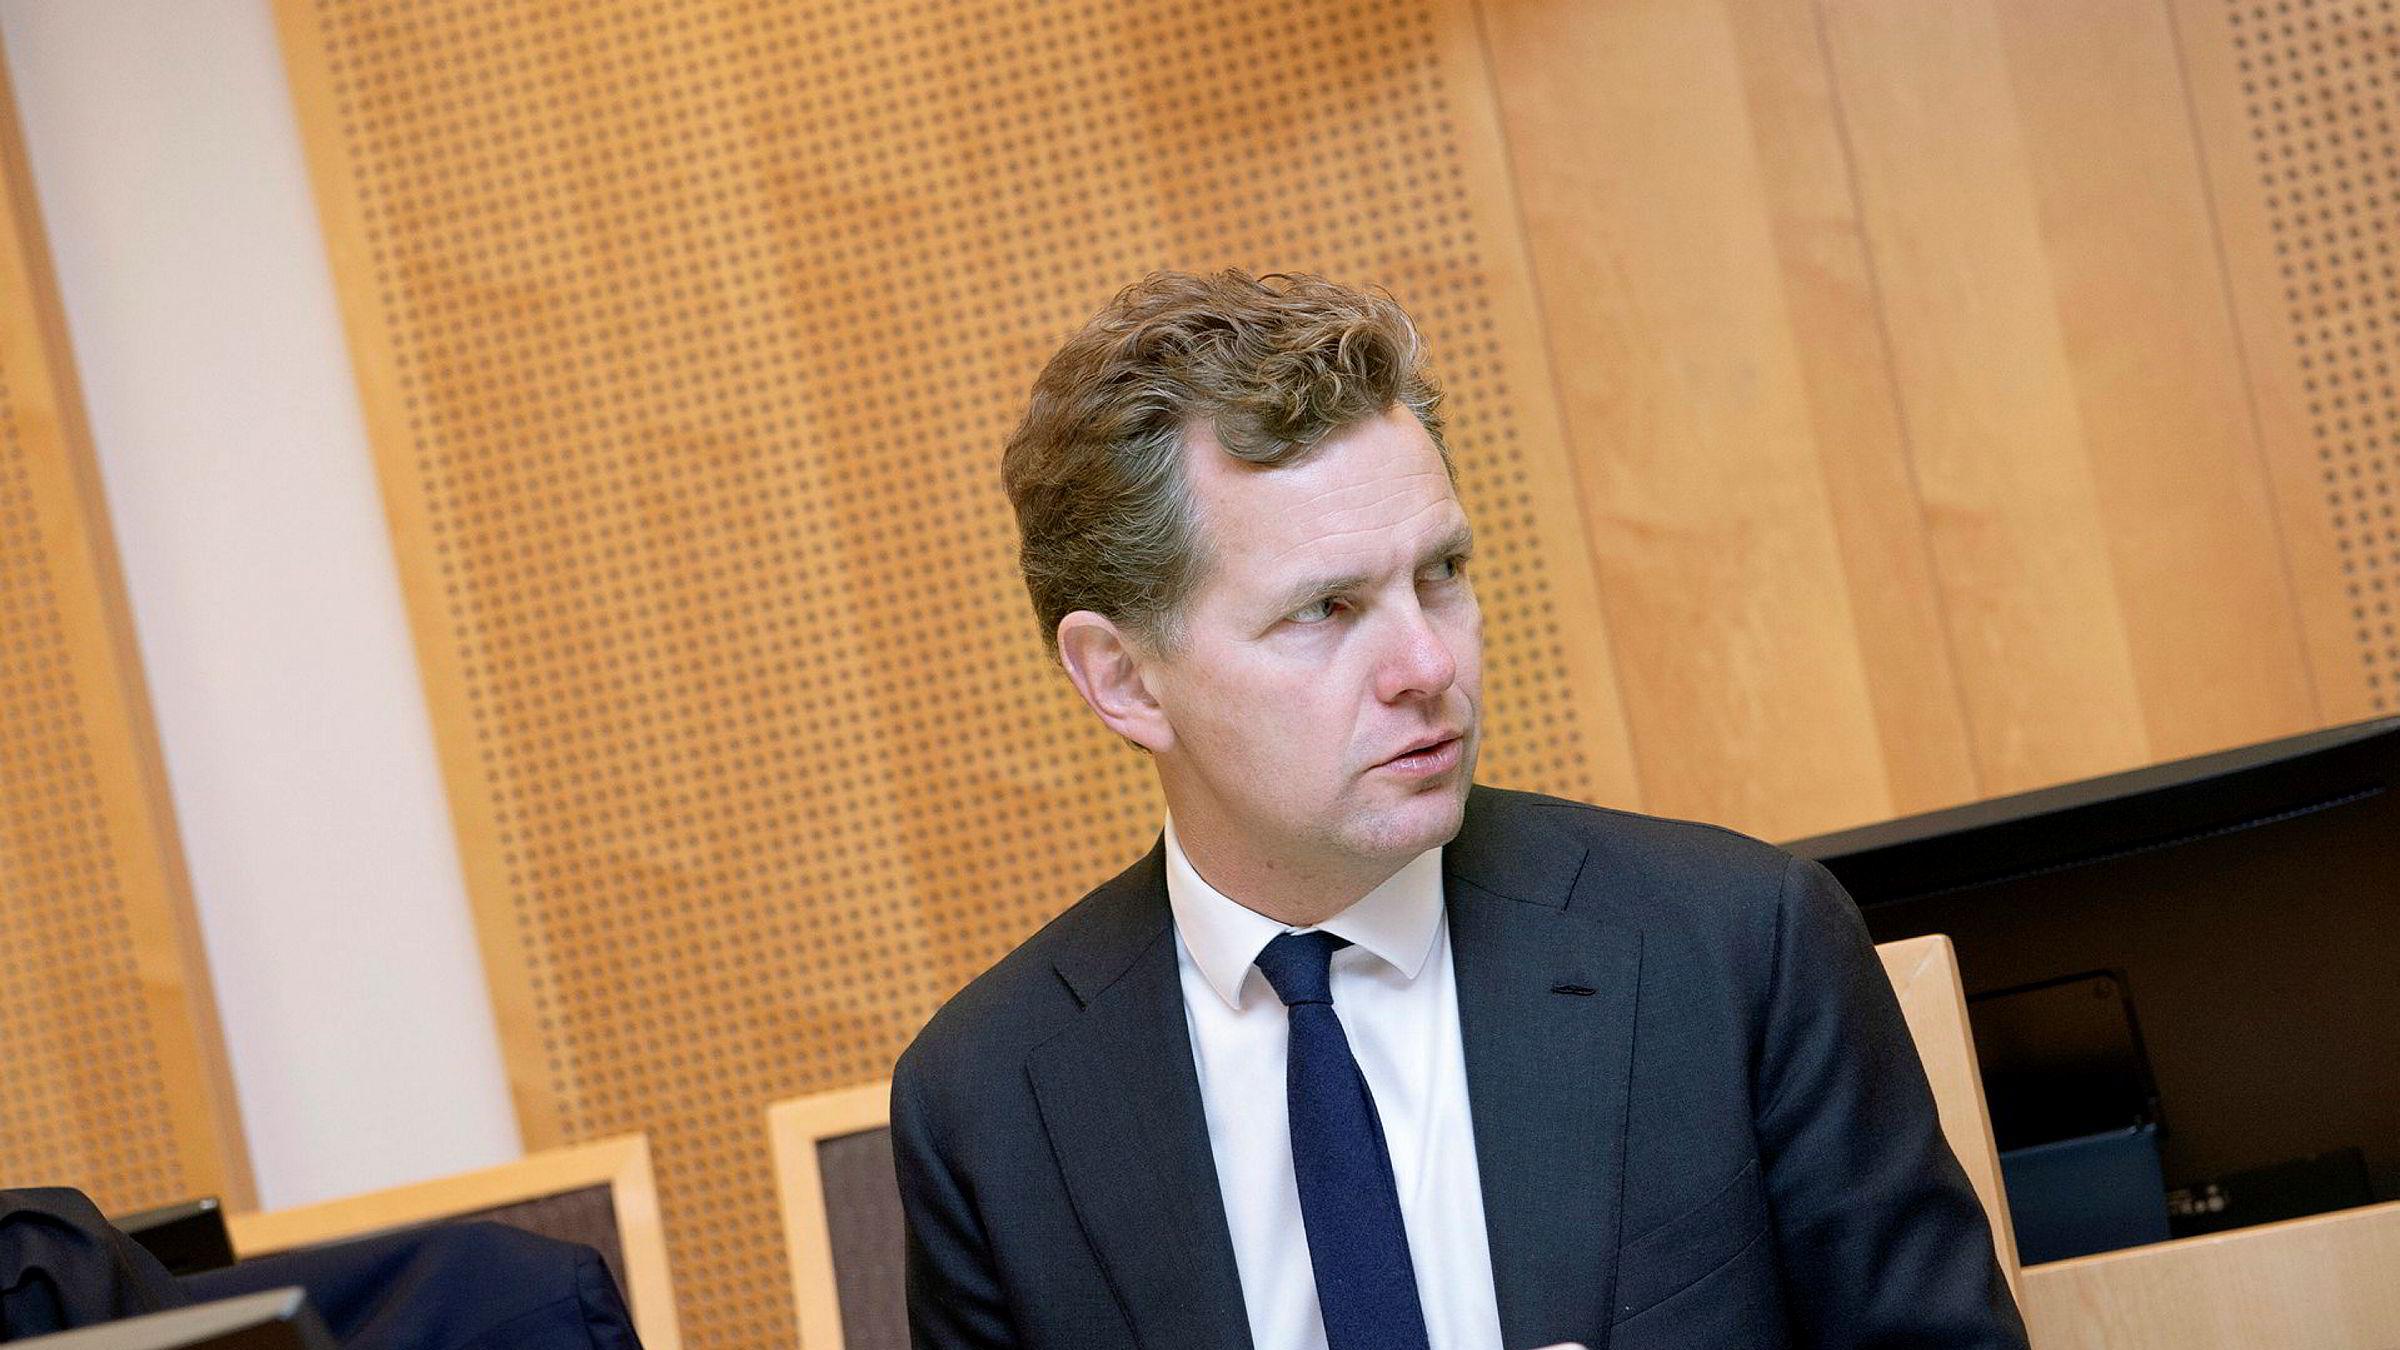 Juridisk direktør Ole Borge fra behandlingen av saken i Oslo tingrett i fjor høst.